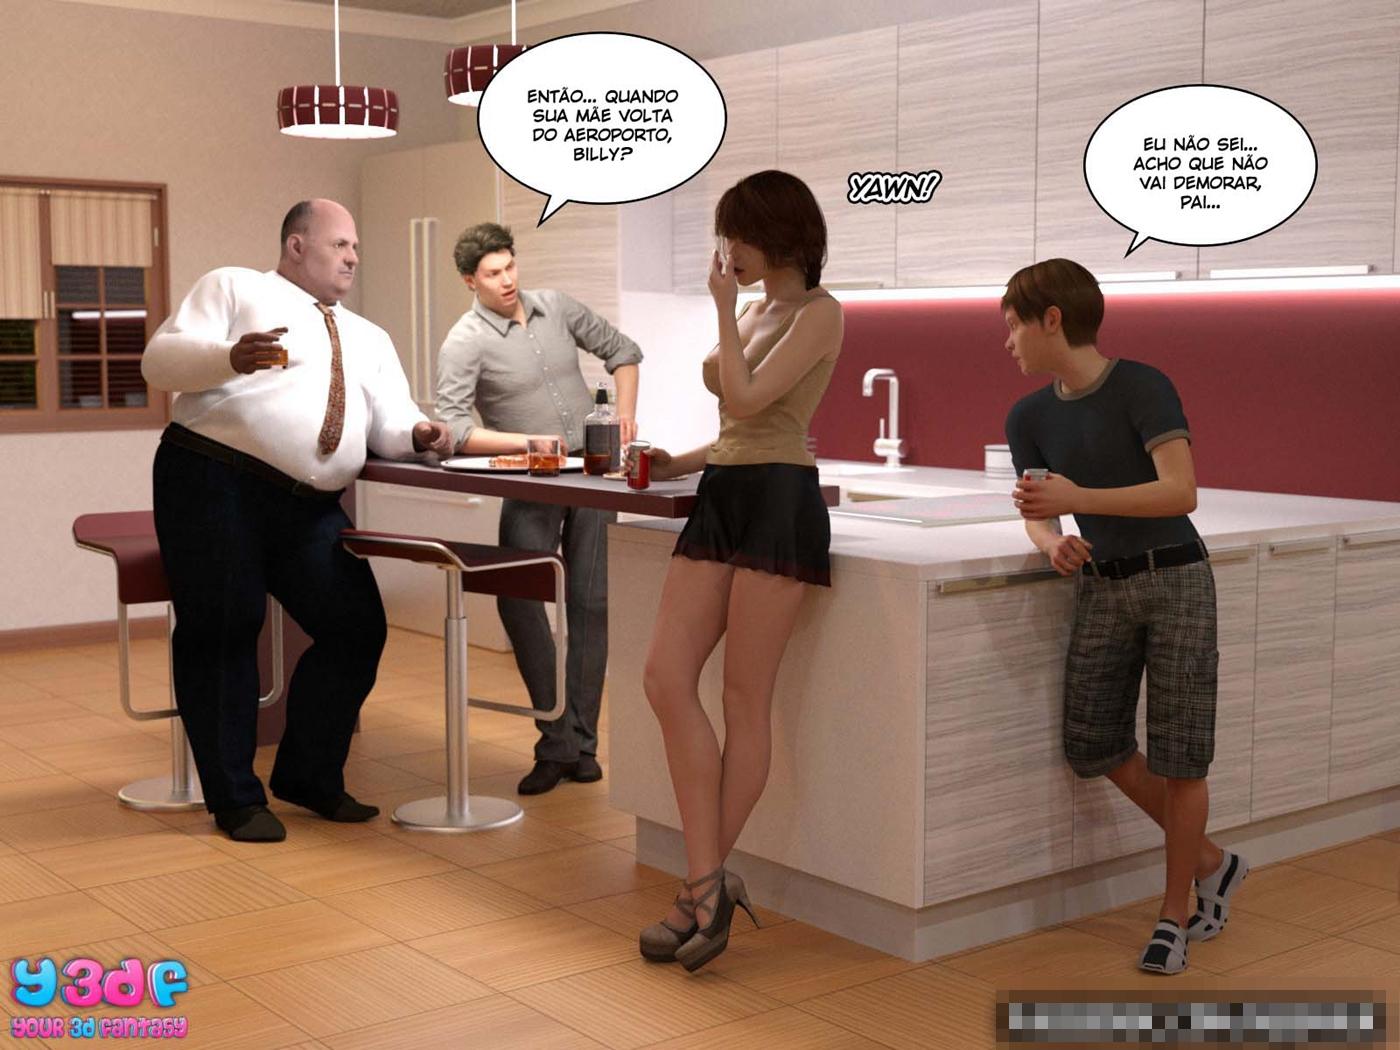 quadrinhos de sexo Bad Boss 29